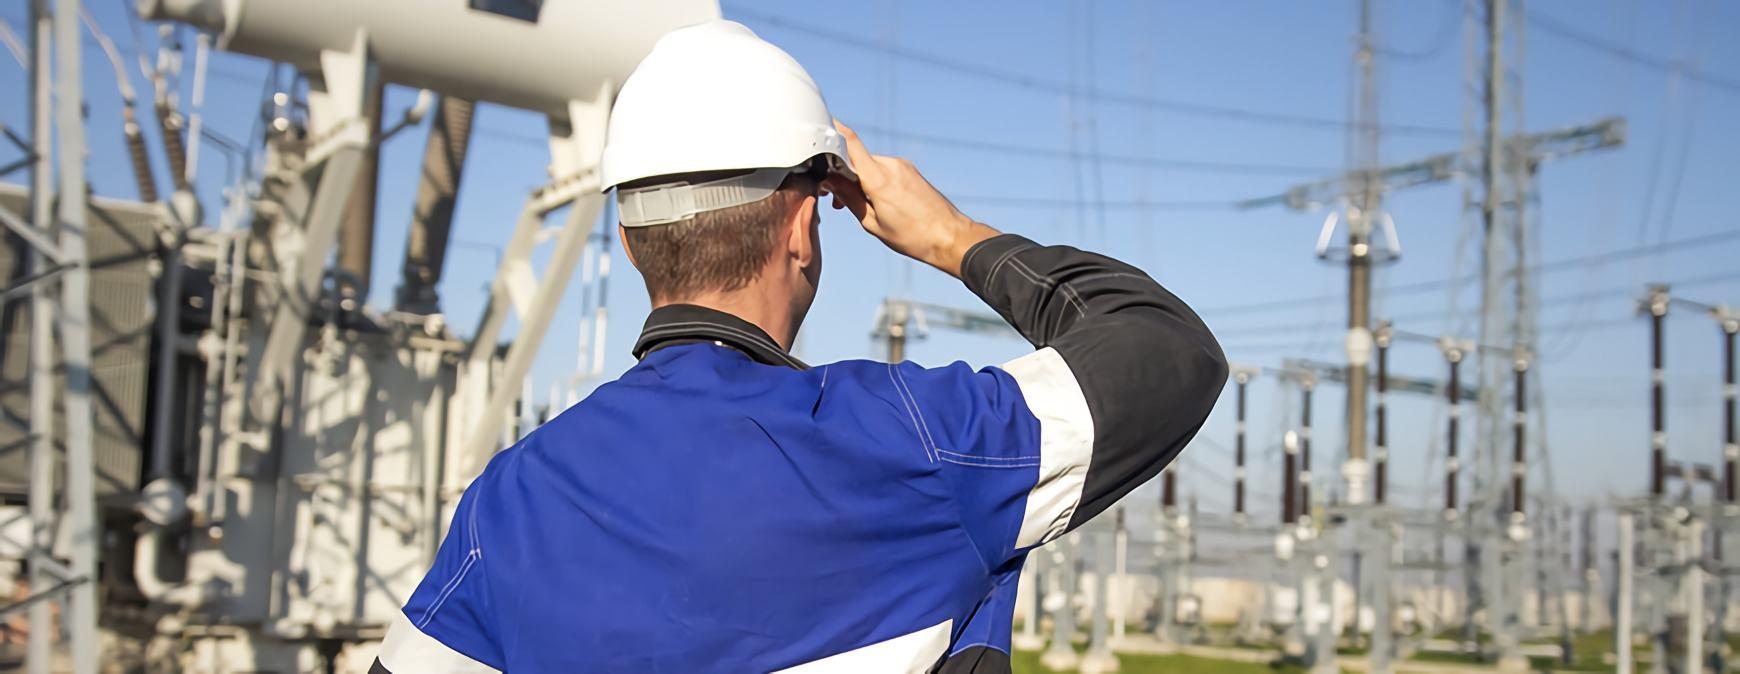 Industrial Electrician Career Profile: Job Description ...